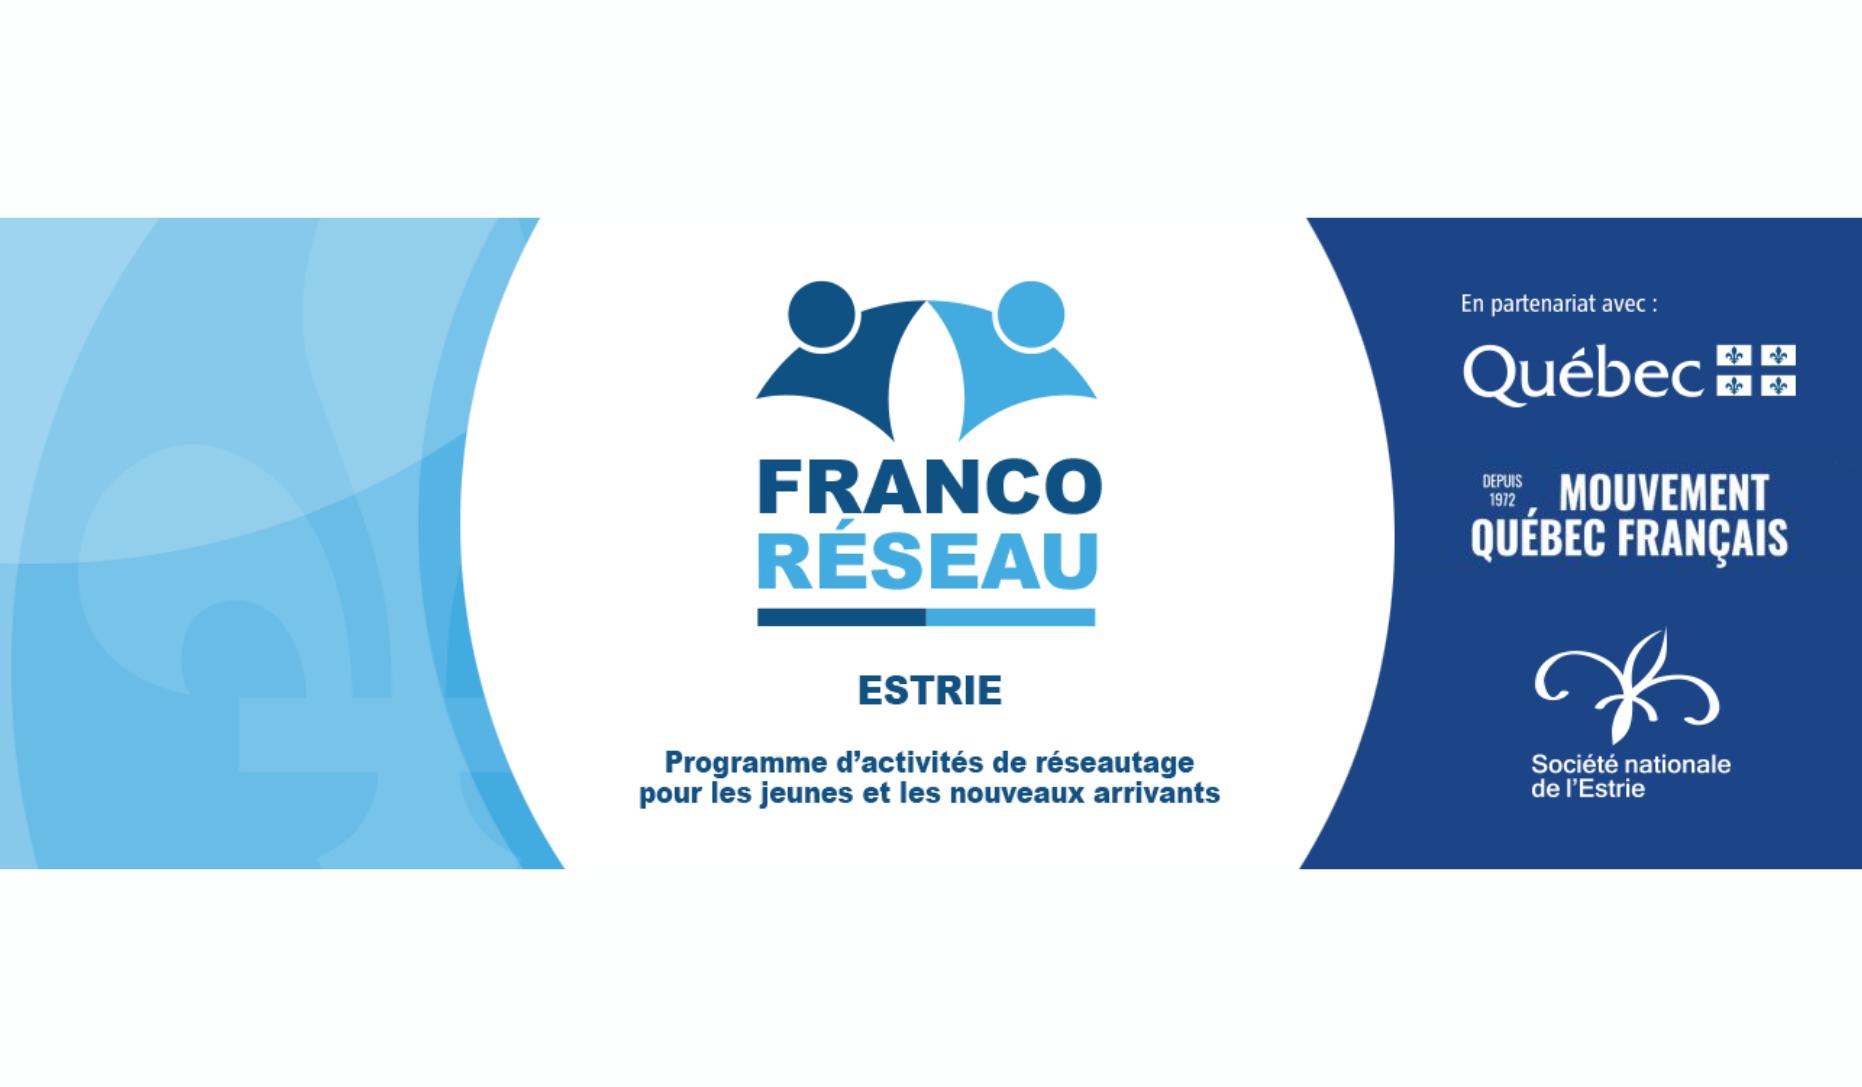 Franco-réseau